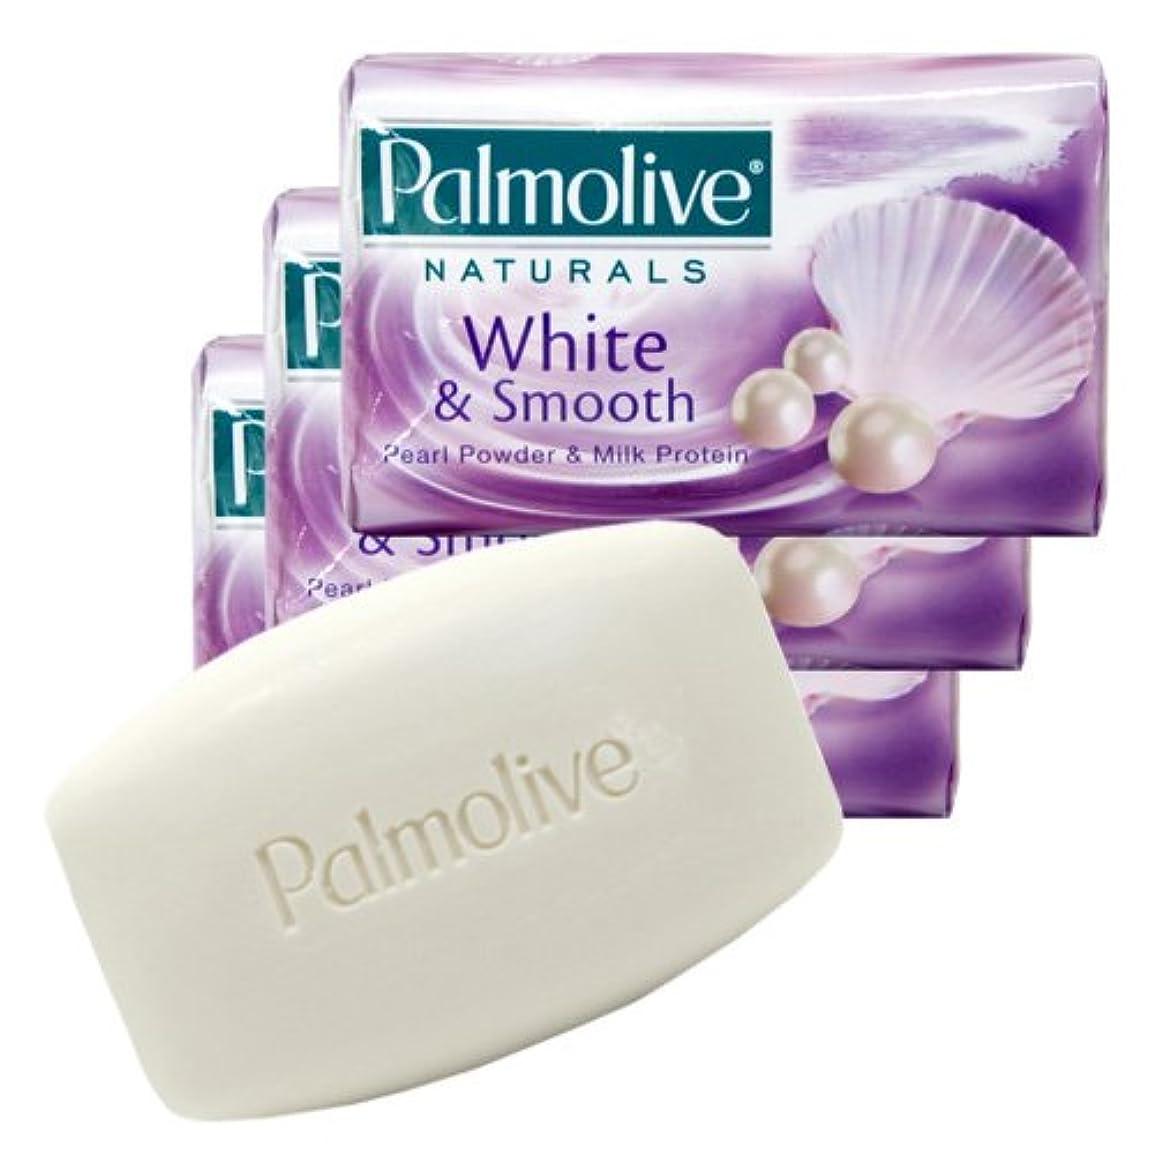 トレーニング全く蘇生する【Palmolive】パルモリーブ ナチュラルズ石鹸3個パック ホワイト&スムース(パールパウダー&ミルクプロテイン)80g×3